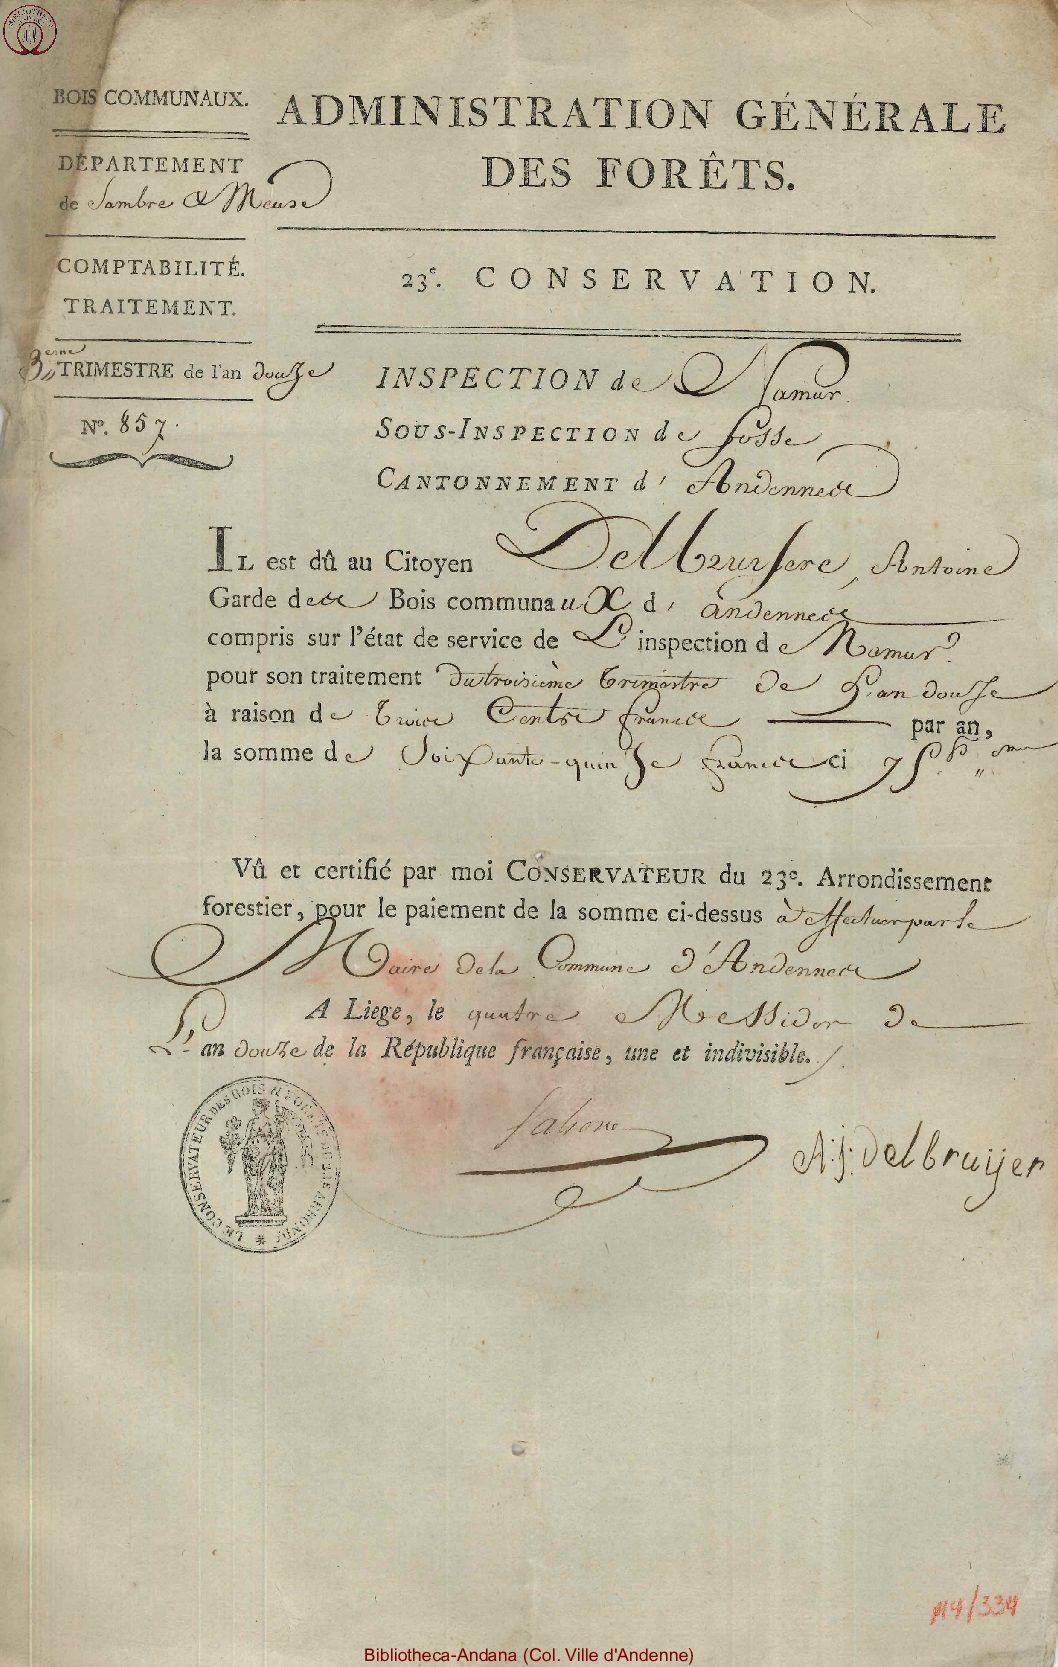 1804-06-23 (4 messidor an 12)